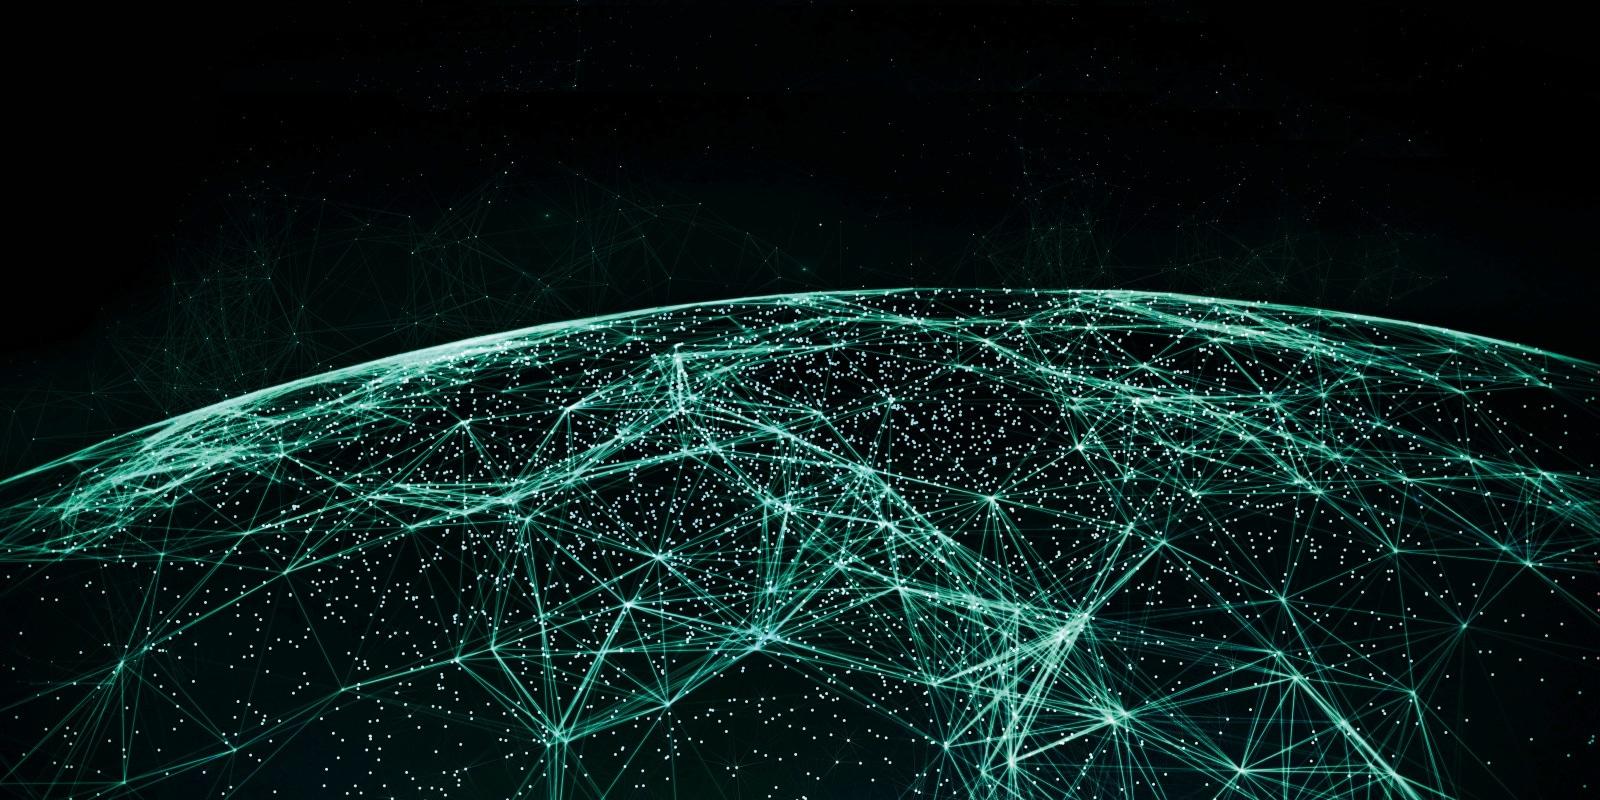 Vogelperspektive auf Weltkugel mit Datenstr?men